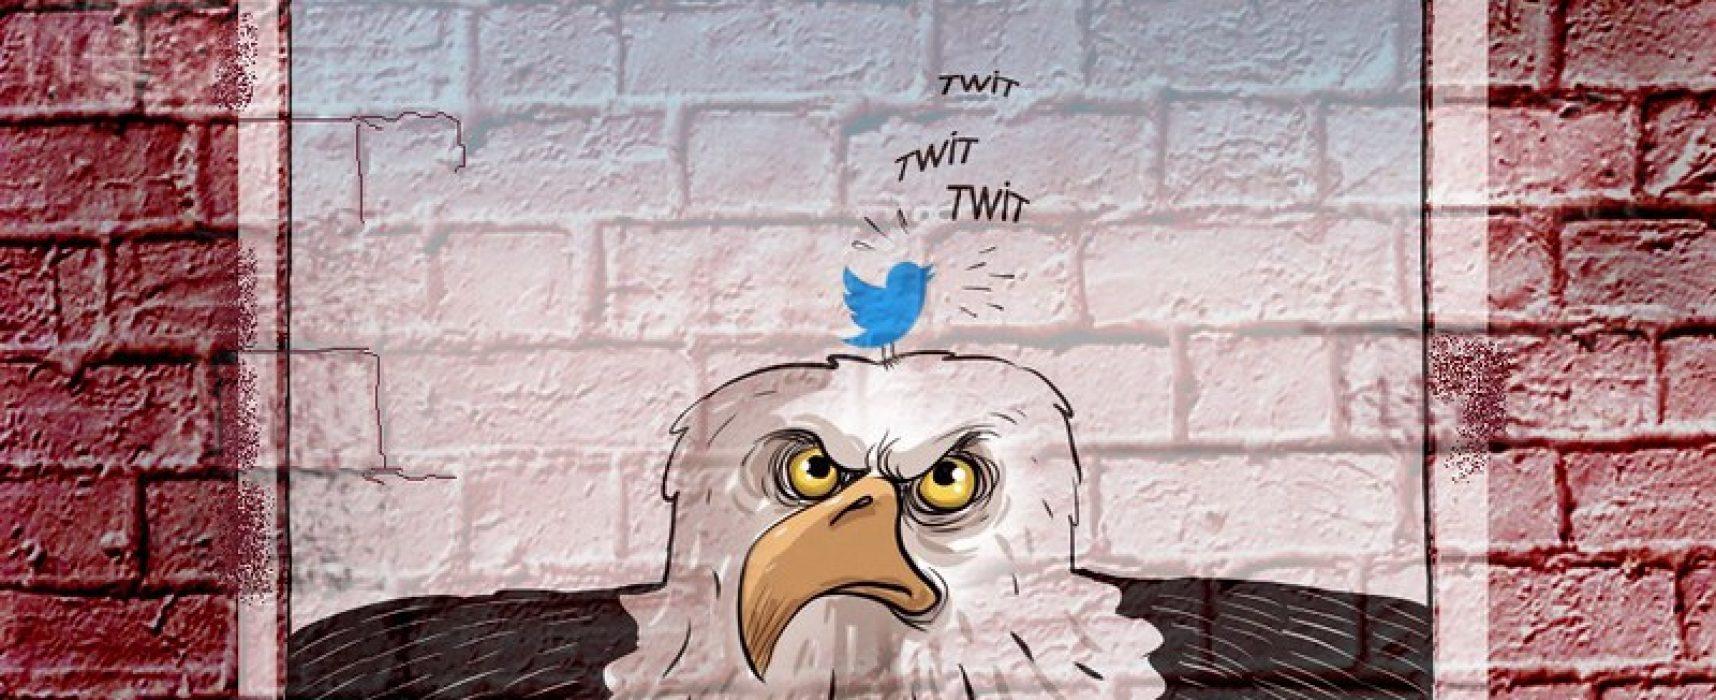 Дональд Трамп проти соціальних мереж: як указ президента США може вплинути на фейковий контент